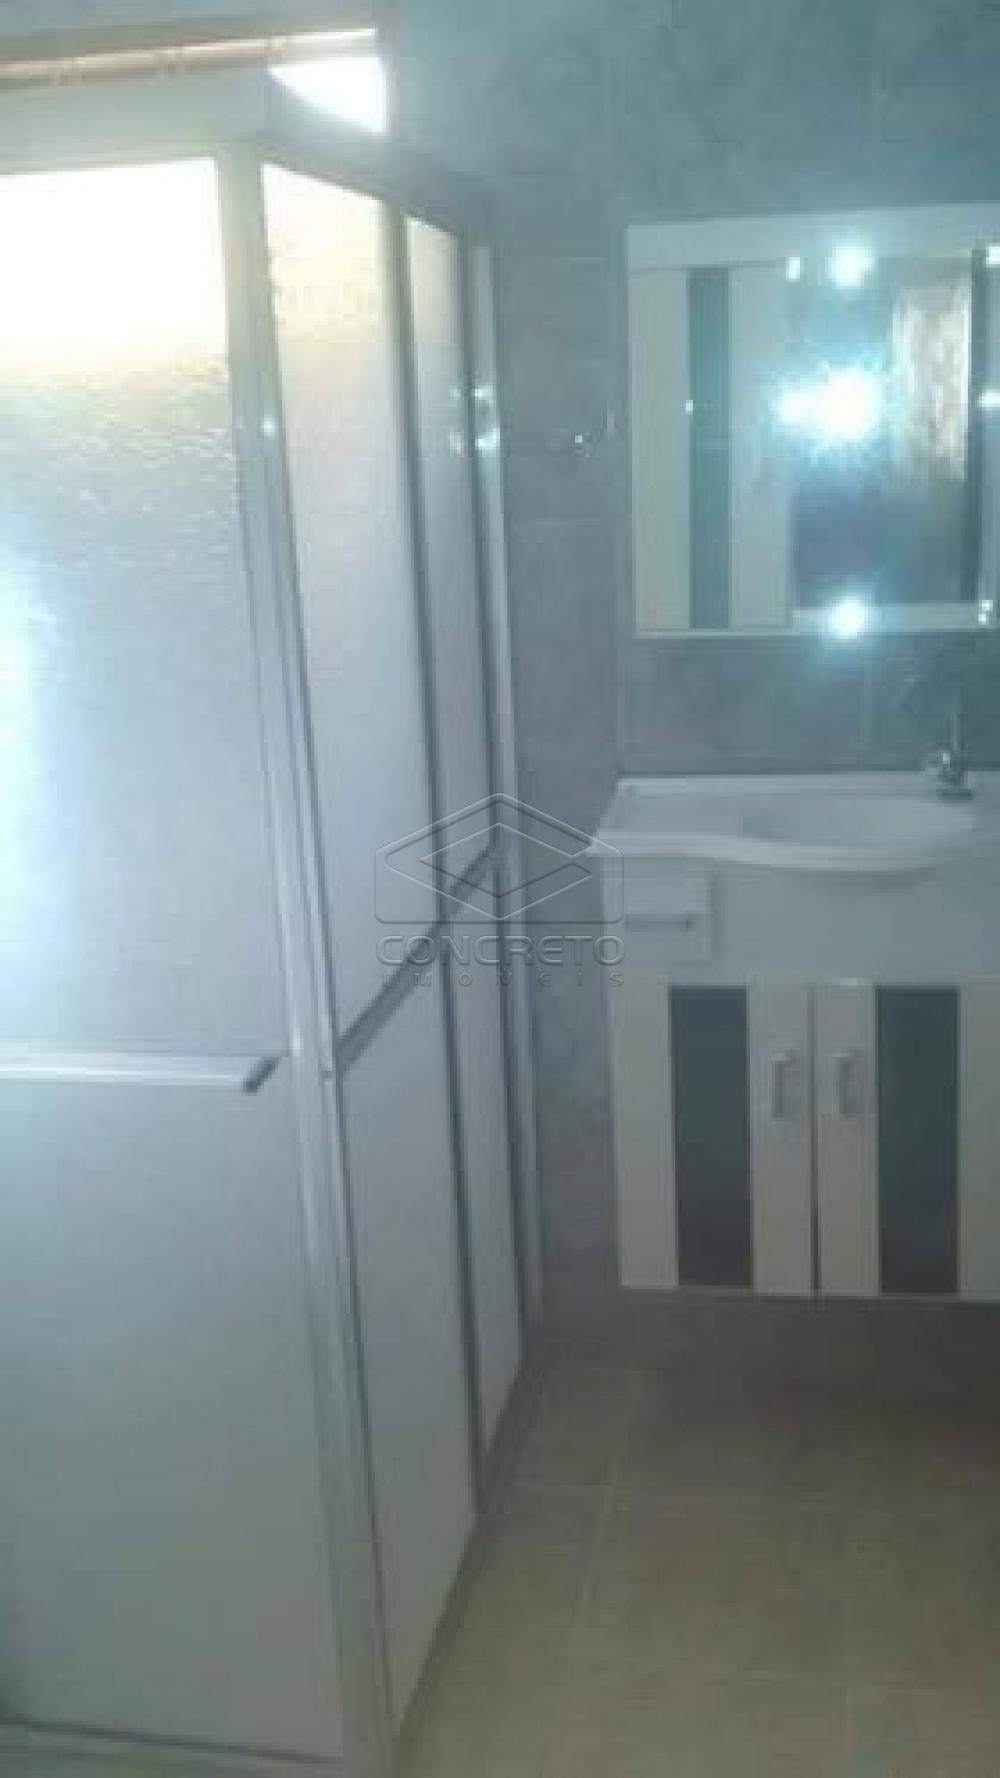 Comprar Casa / Padrão em Bauru apenas R$ 220.000,00 - Foto 12